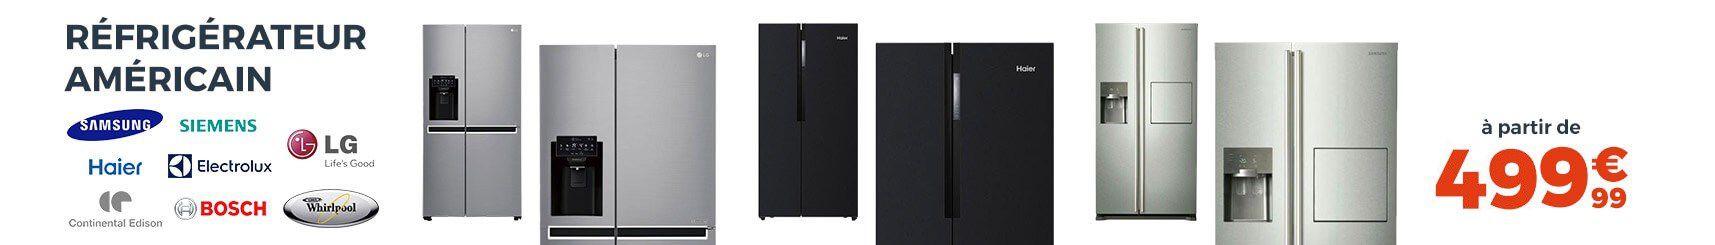 darty frigo americain frigo liebherr darty fort de france u lits surprenant frigo smeg vert. Black Bedroom Furniture Sets. Home Design Ideas